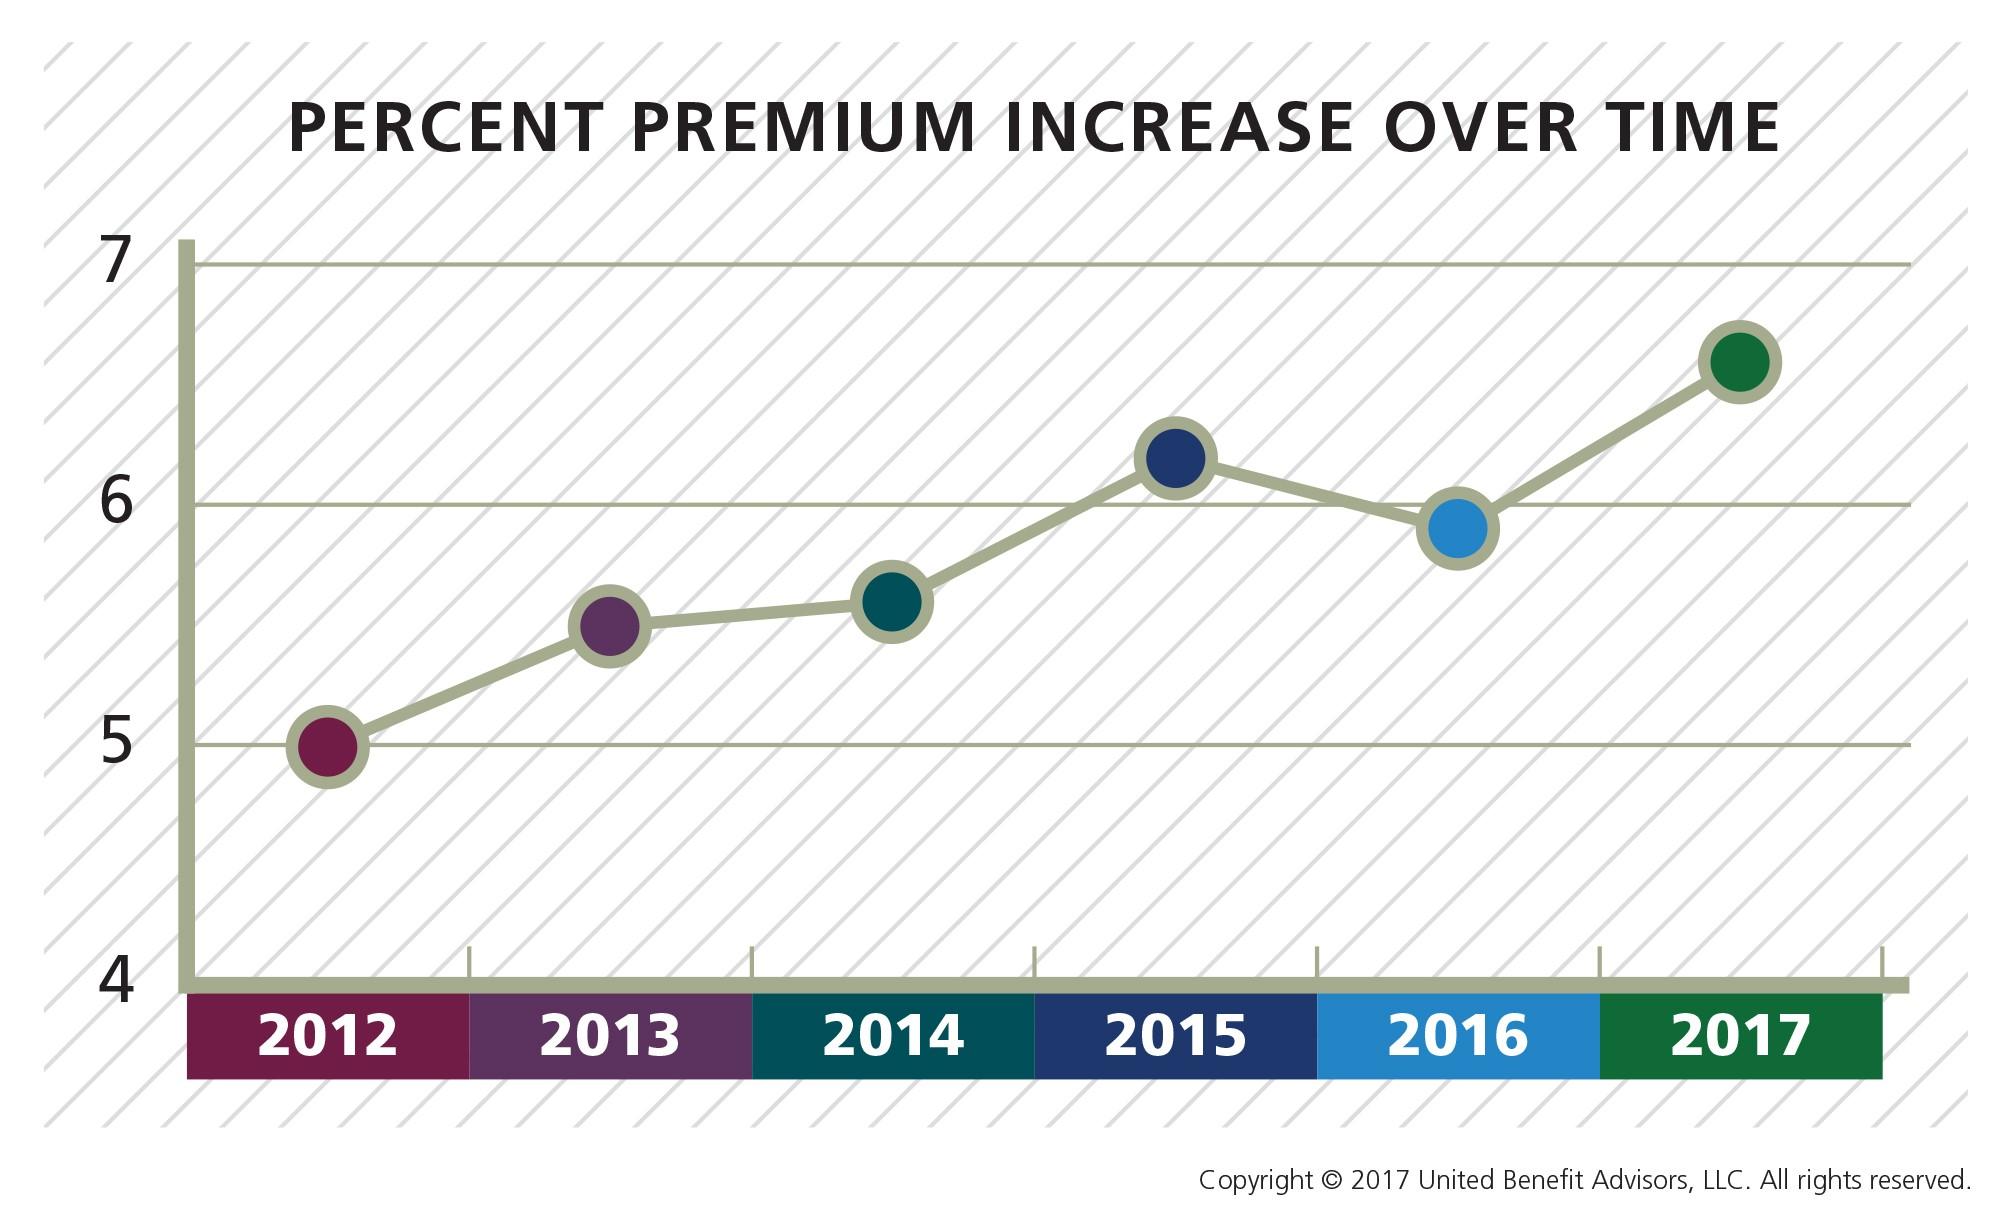 Percent Premium Increase Over Time